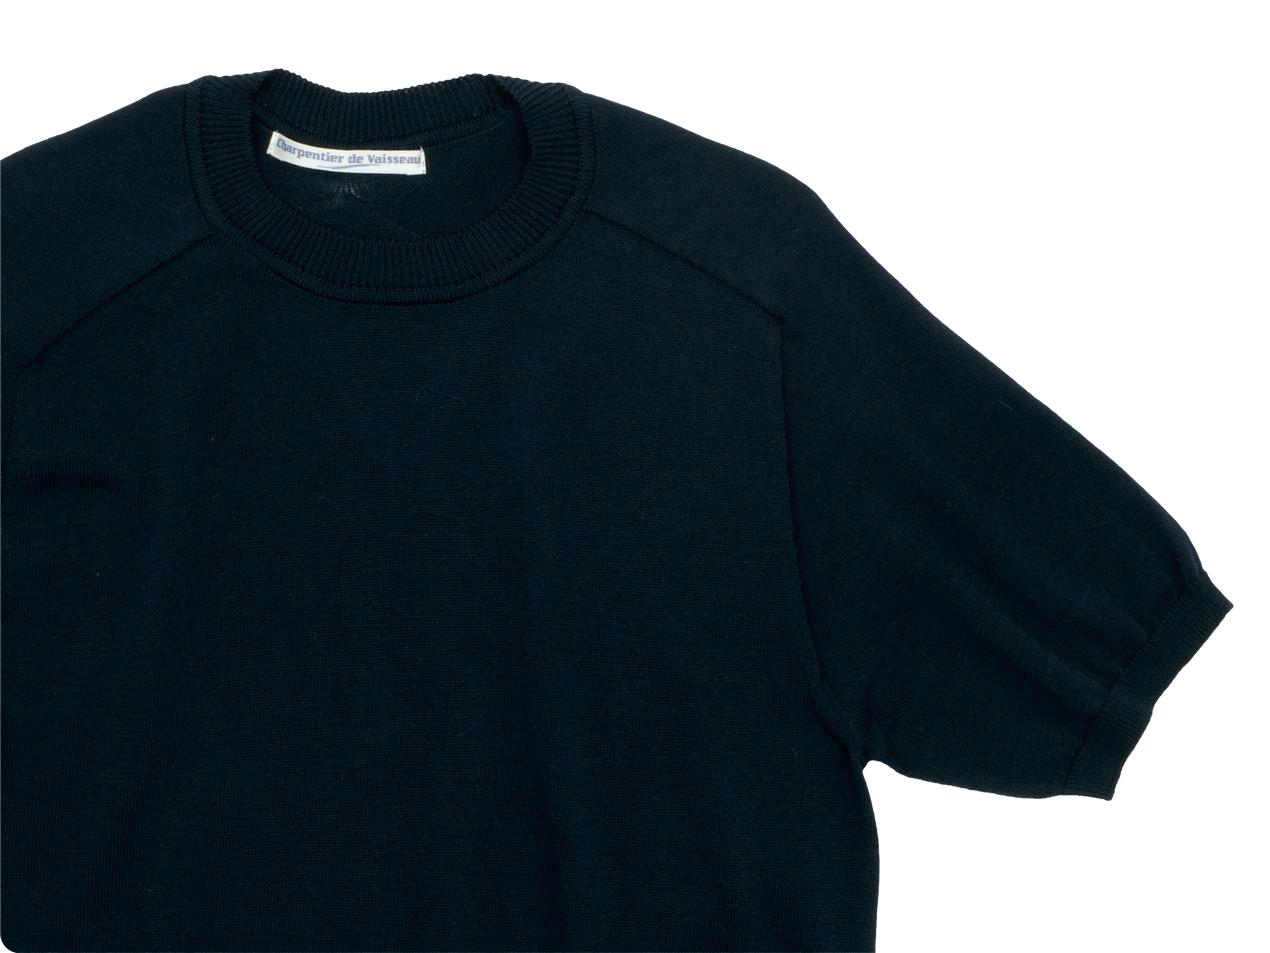 Charpentier de Vaisseau Klim Cotton Knit Short Sleeve